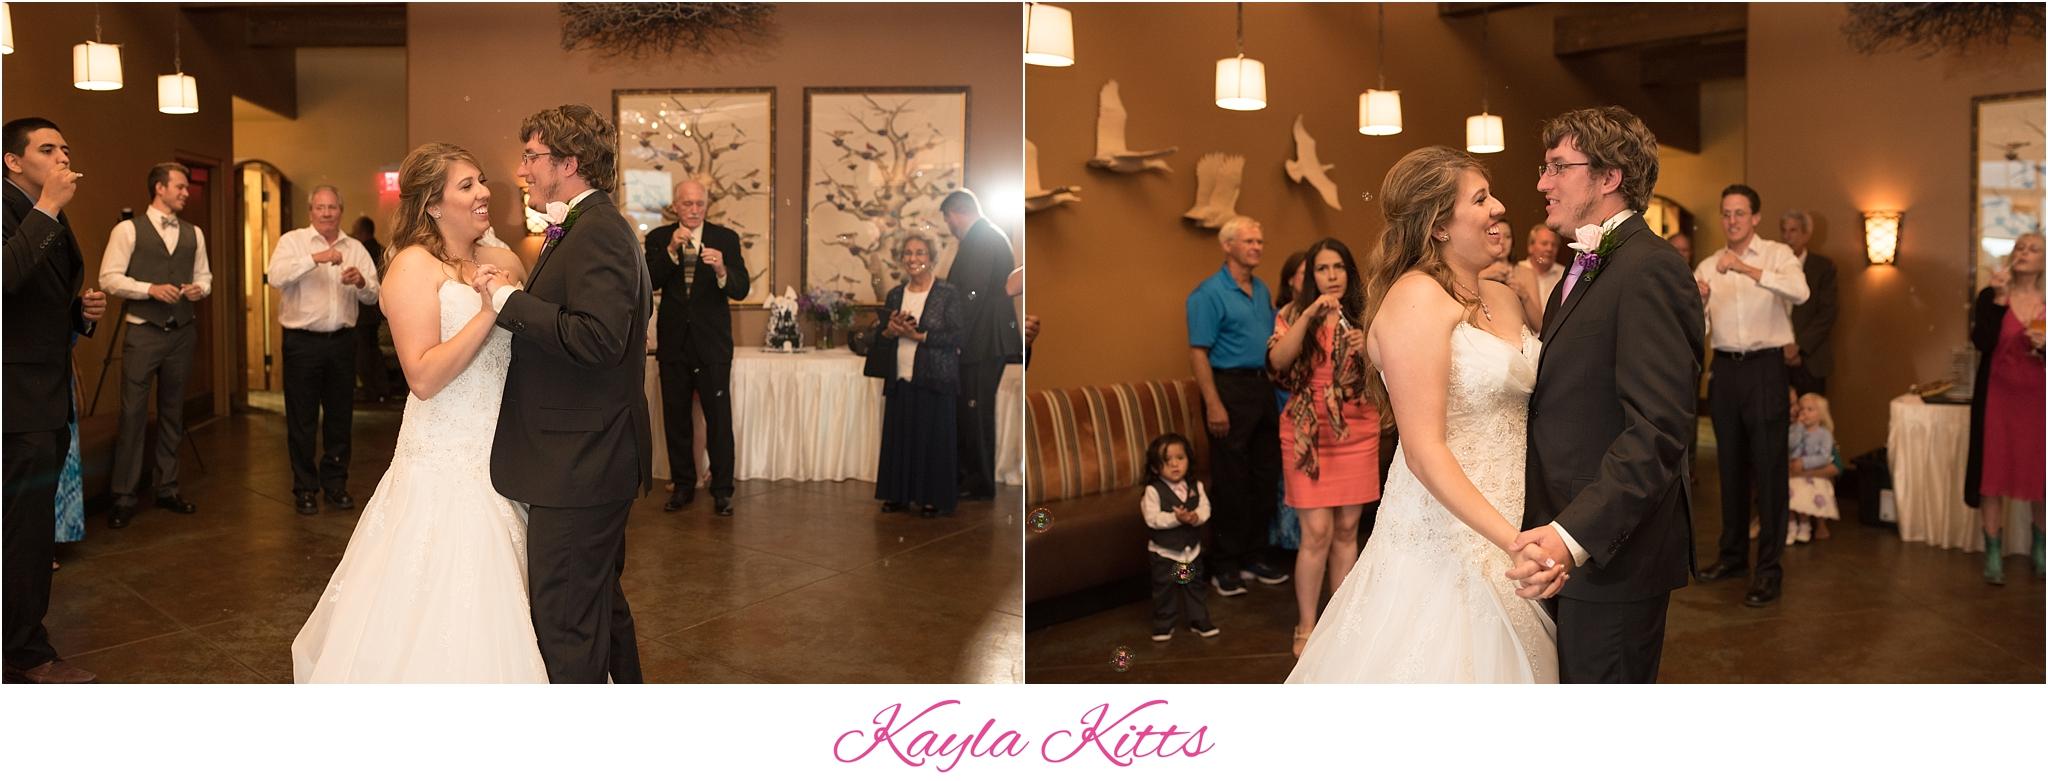 kayla kitts photography - albuquerque wedding photographer - angel fire wedding photographer - angel fire country club - albuquerque venue - casa de suenos - hotel albuquerque wedding - new mexico wedding photographer_0023.jpg